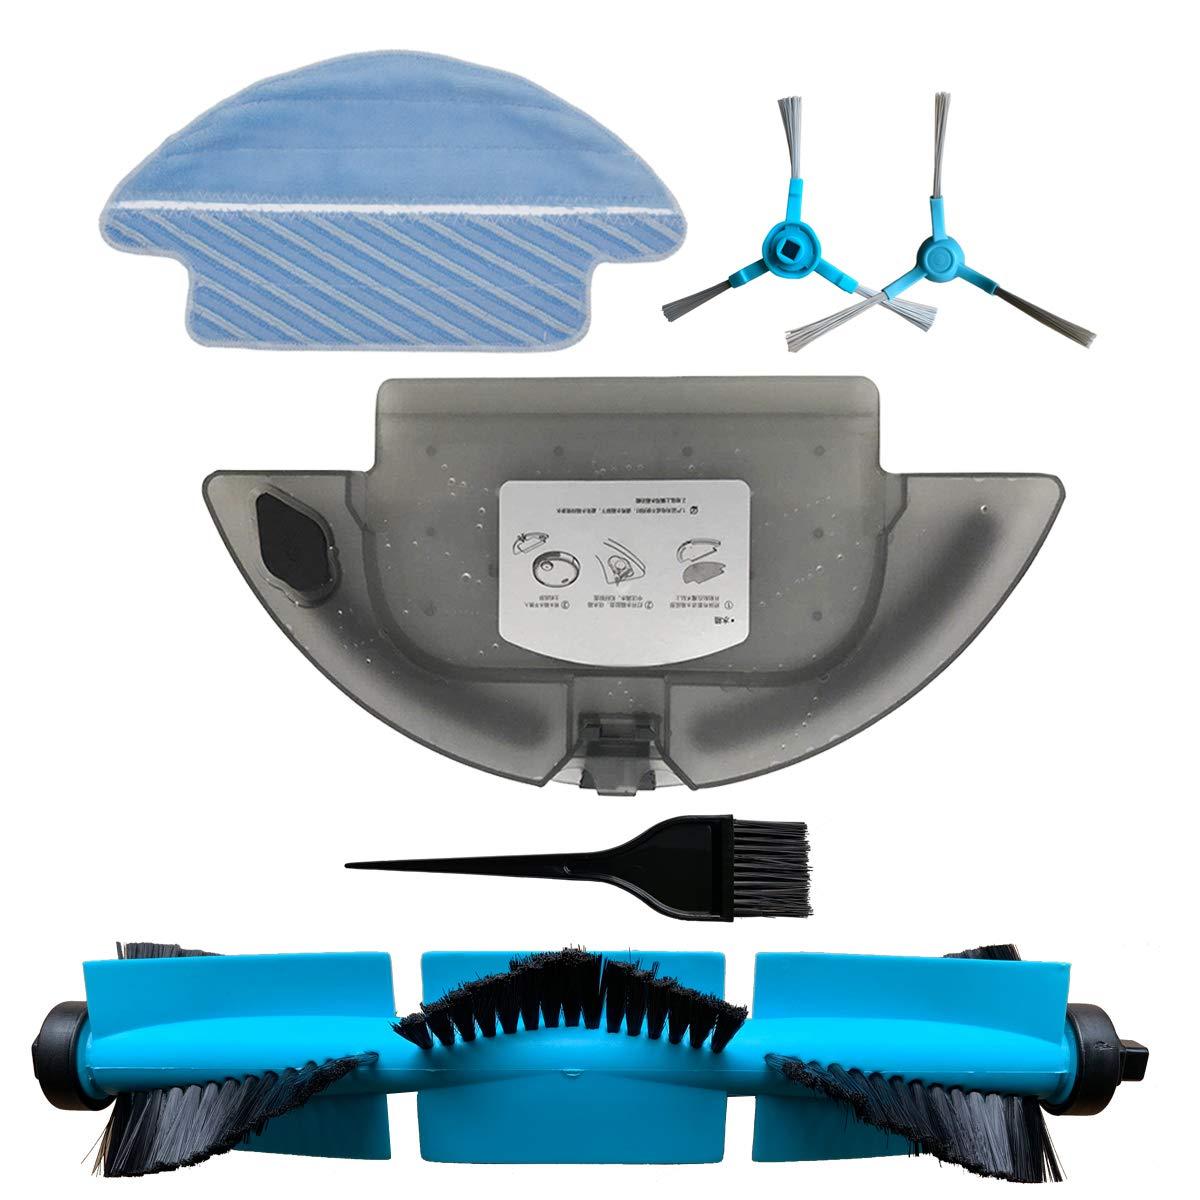 REYEE 1x Tanque de Agua + 1x paño de fregona + 2 Cepillo Lateral + 1 Cepillo Principal + 1 Pincel para Cecotec Conga Serie 3090 Robot Aspirador Repuestos para Tanque de Agua: Amazon.es: Hogar